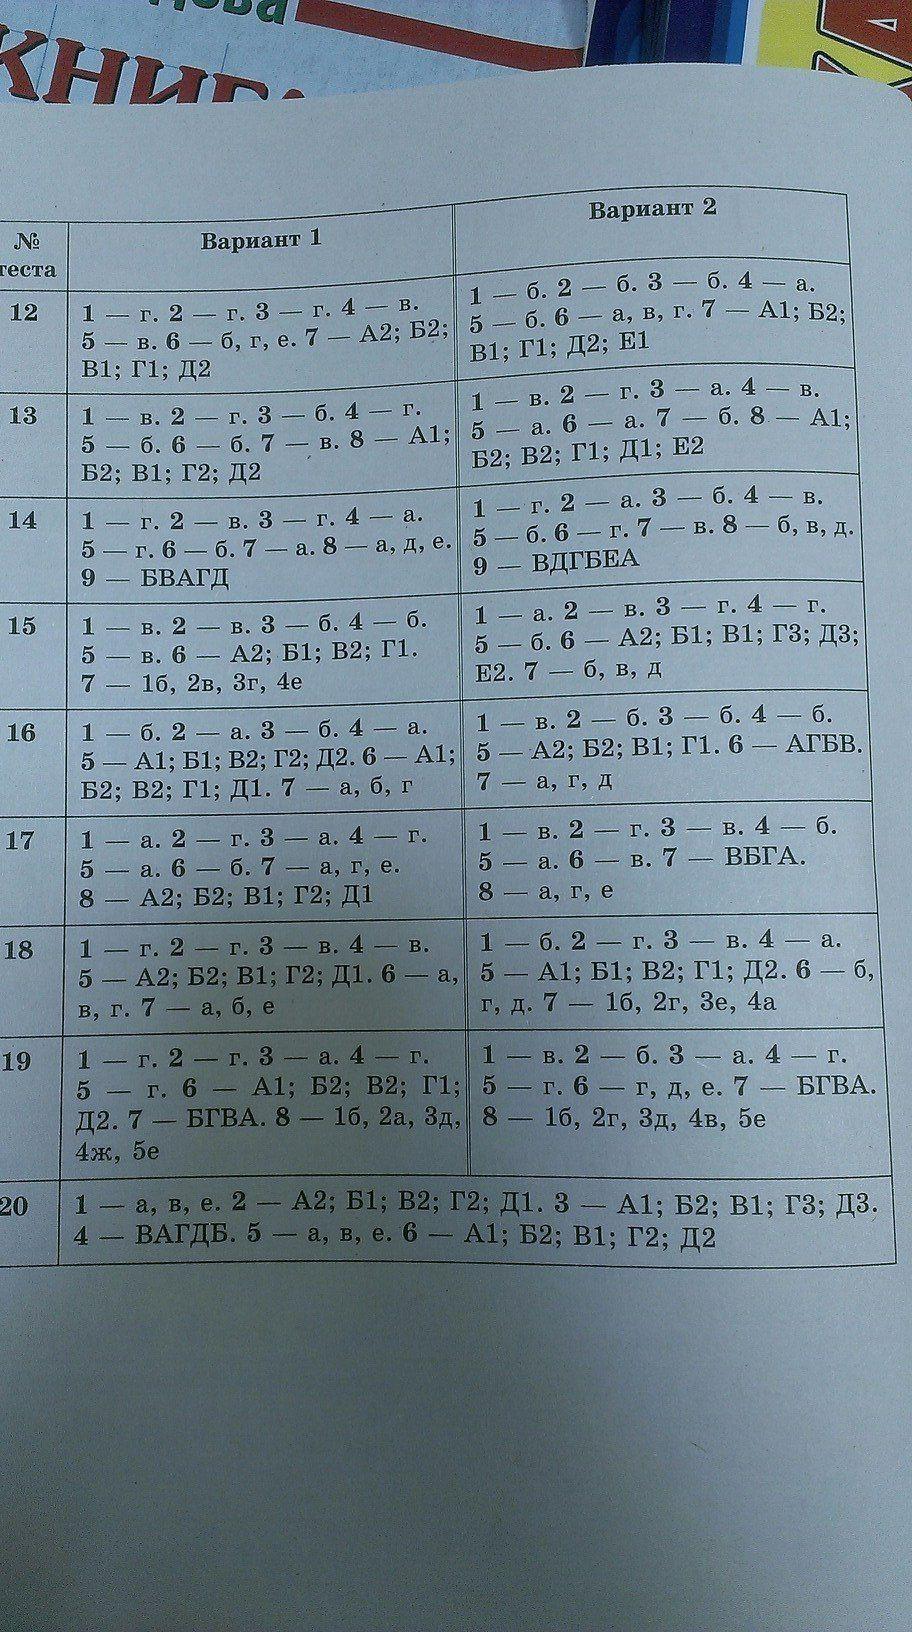 Сайт ответов на тесты гекалюк 8 класс